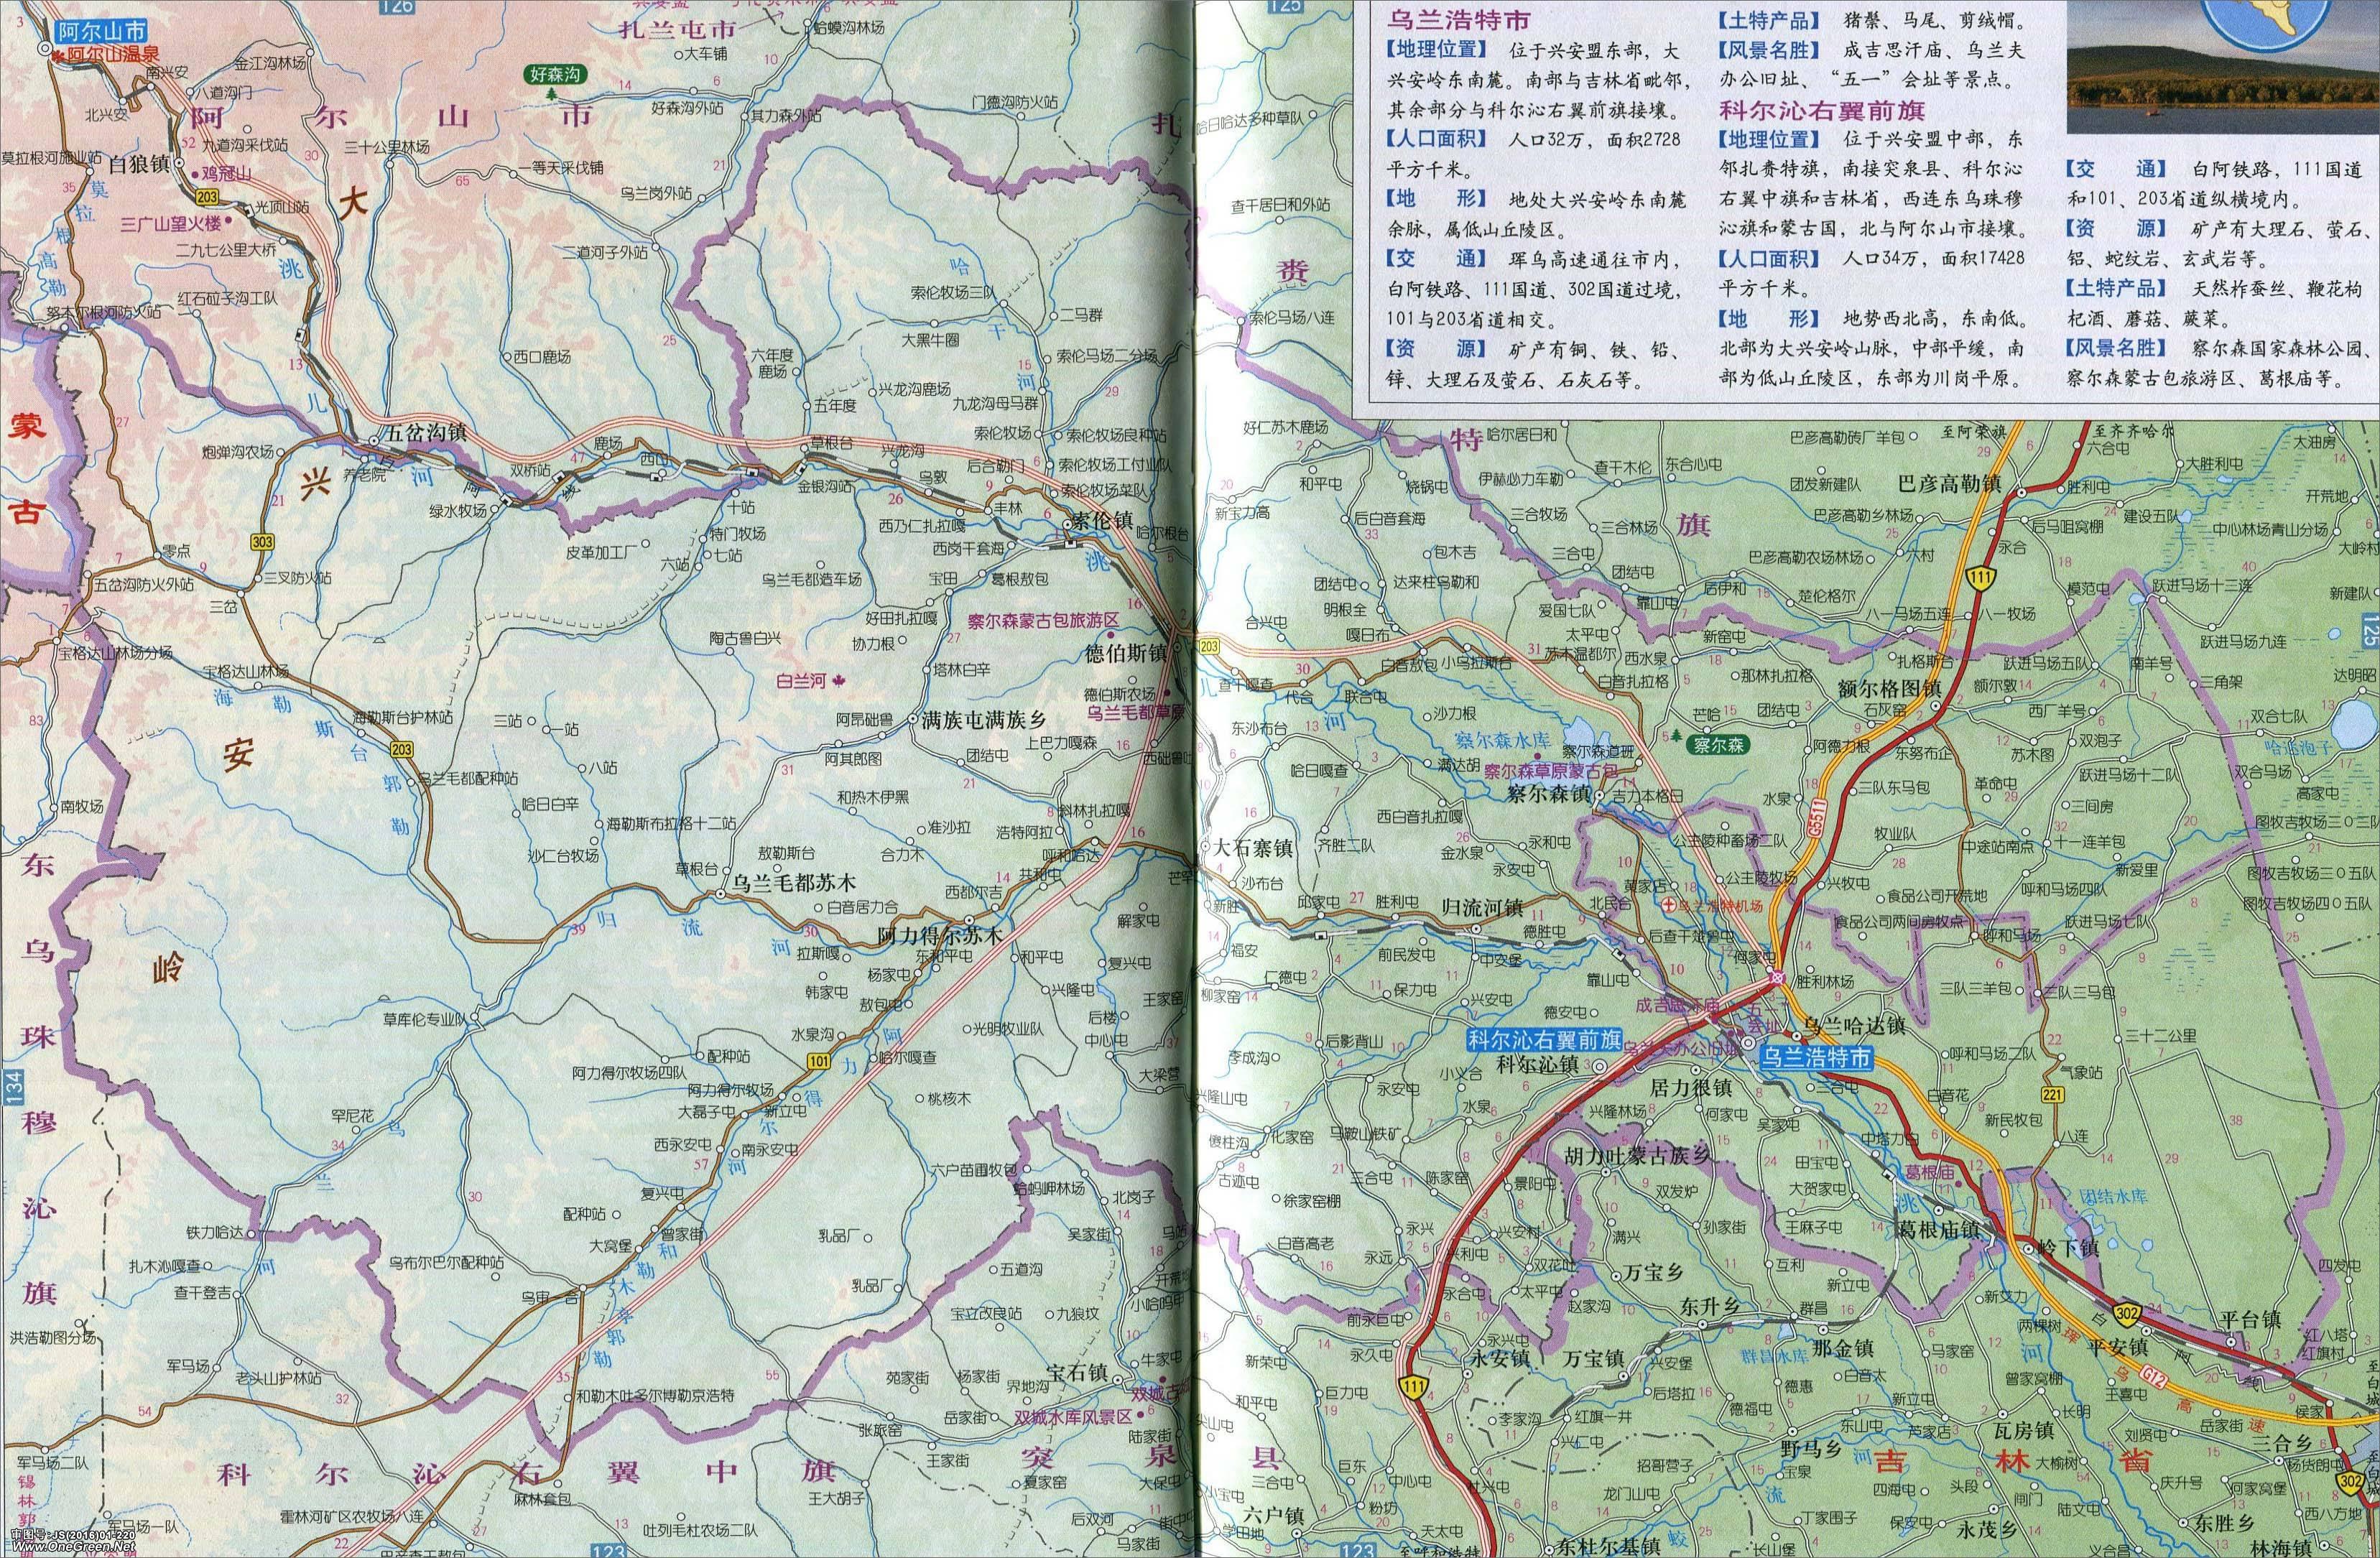 兴安盟科右中旗地图_乌兰浩特市_科尔沁右翼前旗地图_兴安盟地图库_地图窝